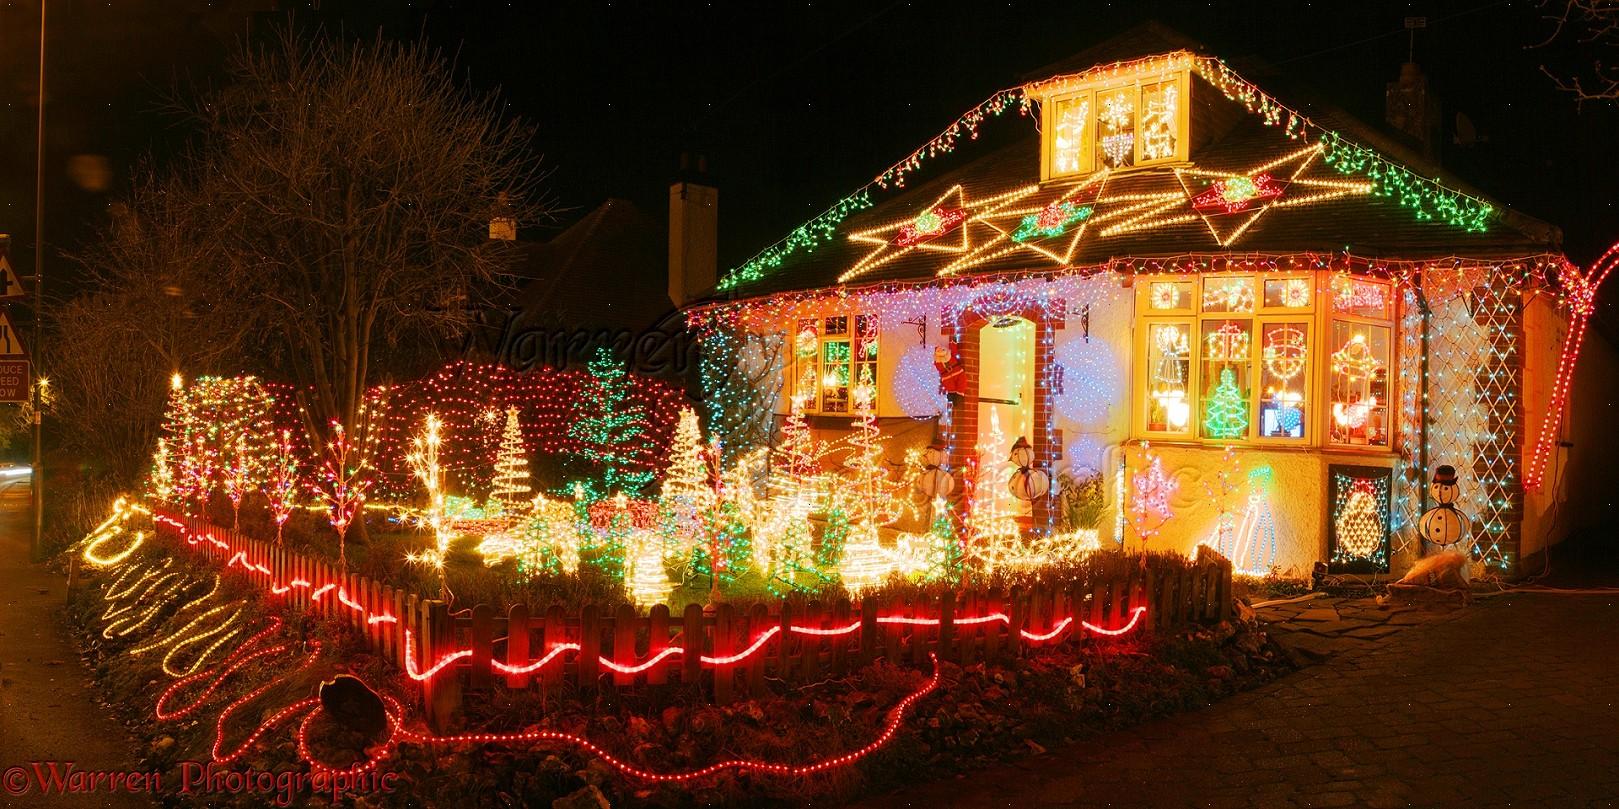 Houses With Christmas Lights